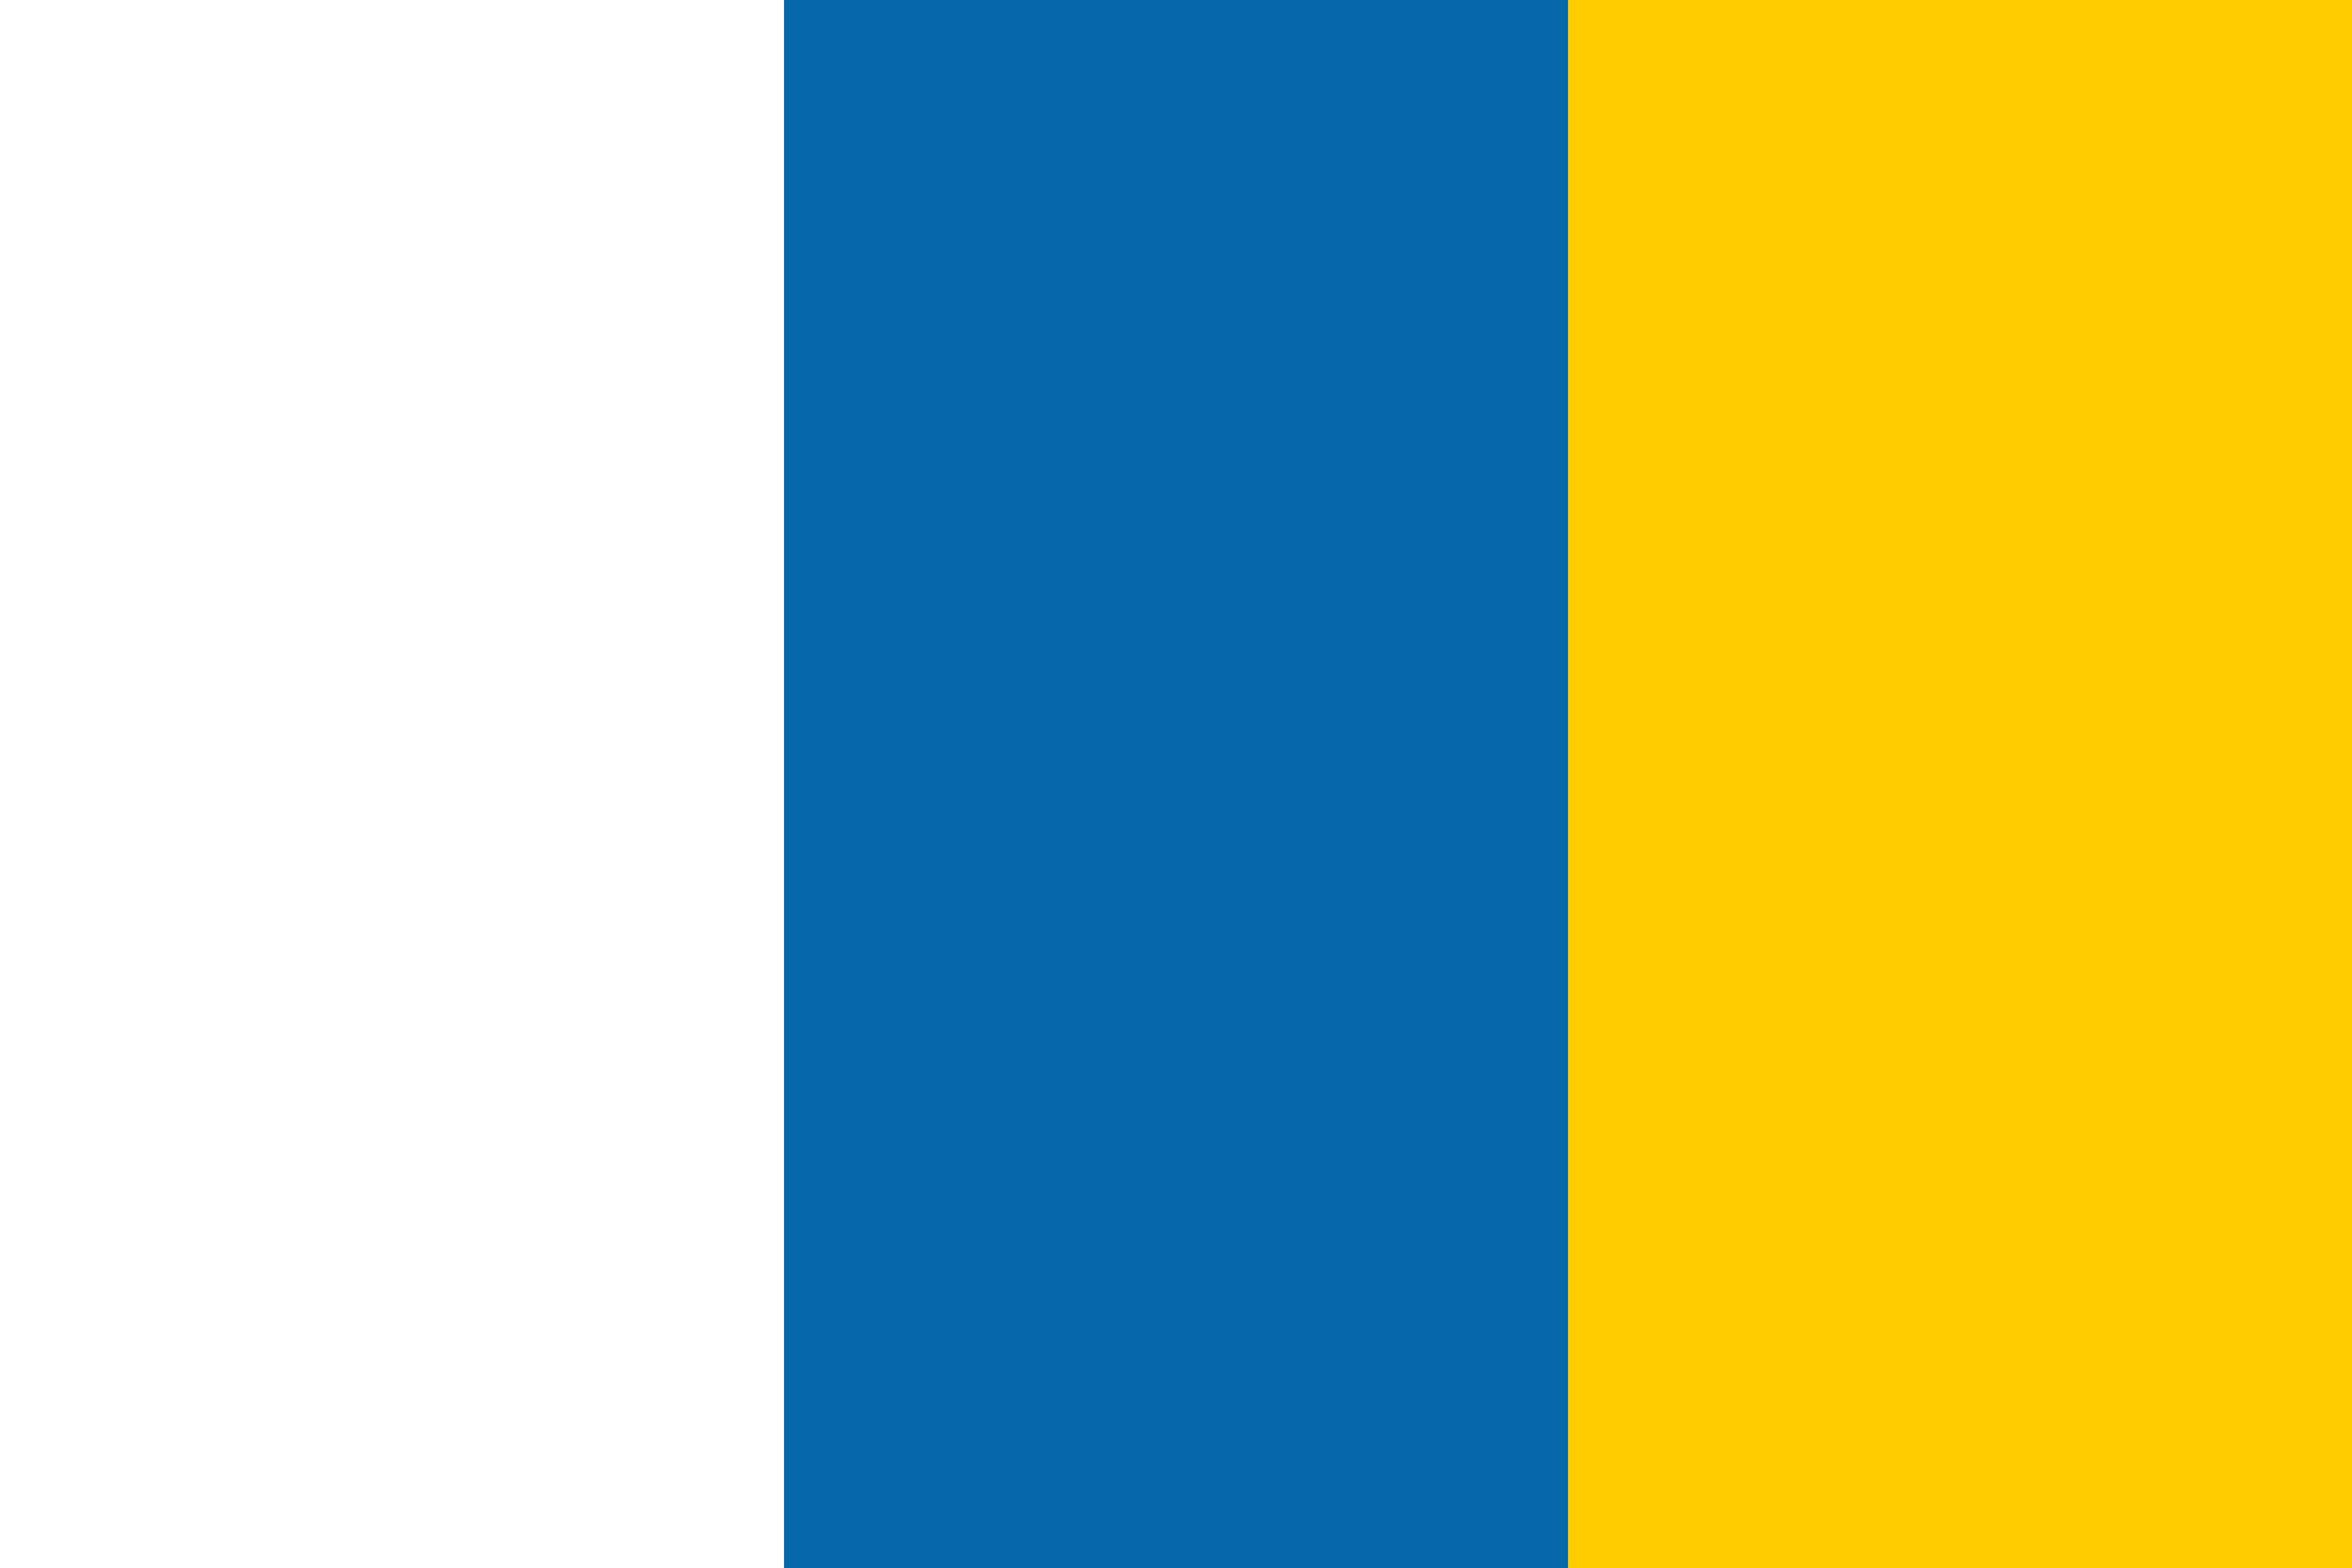 bandera21.png